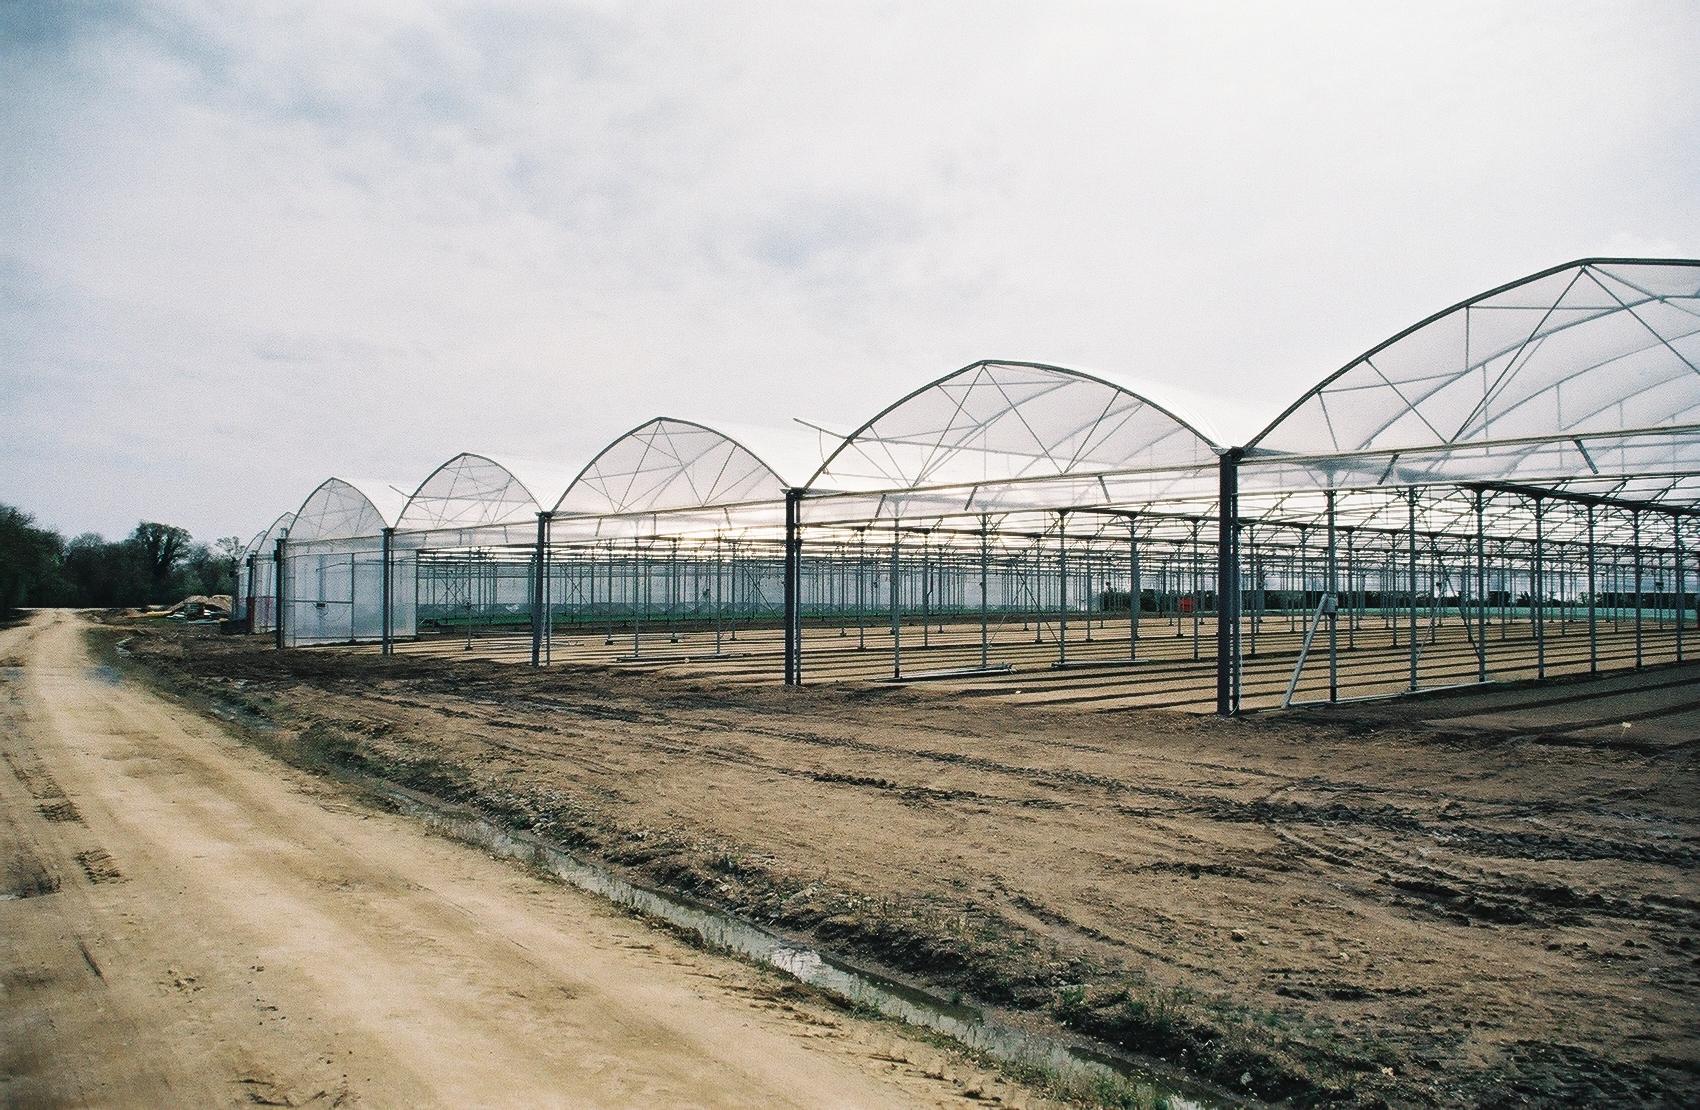 Sere cu deschidere descendenta la peretii frontali MENATWORK AGRICOL - Poza 7